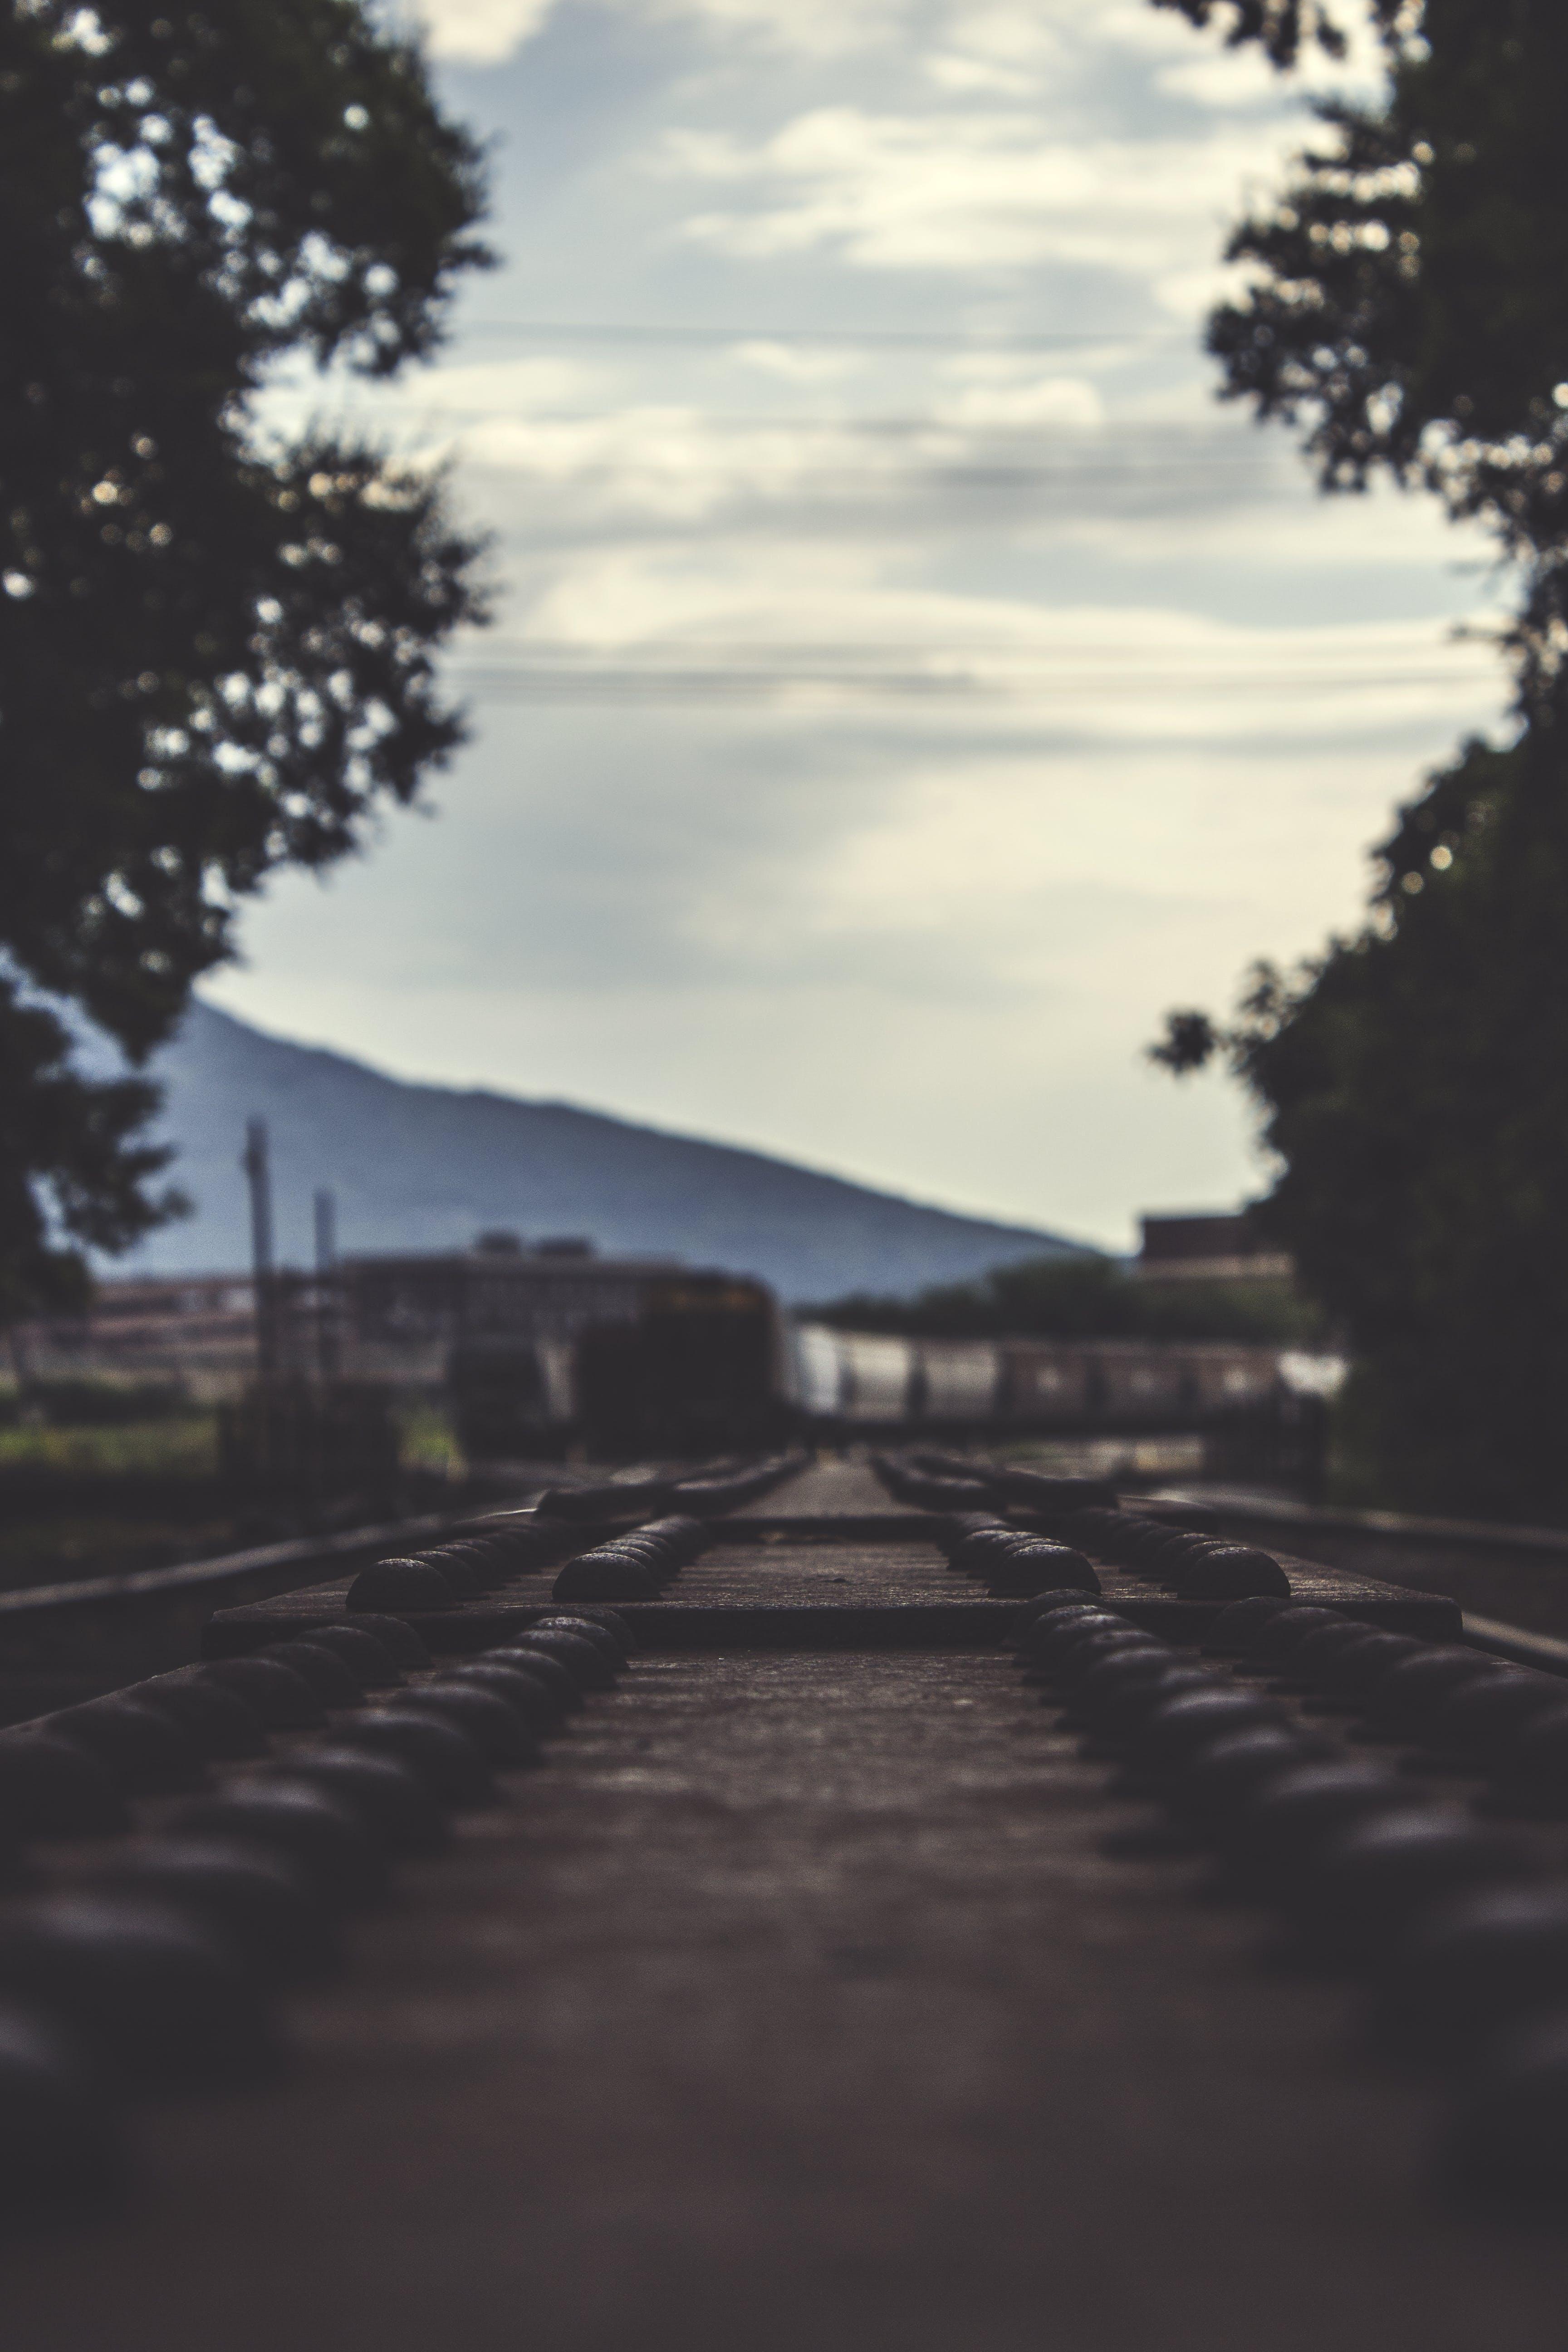 infrastruktur, järnväg, perspektiv